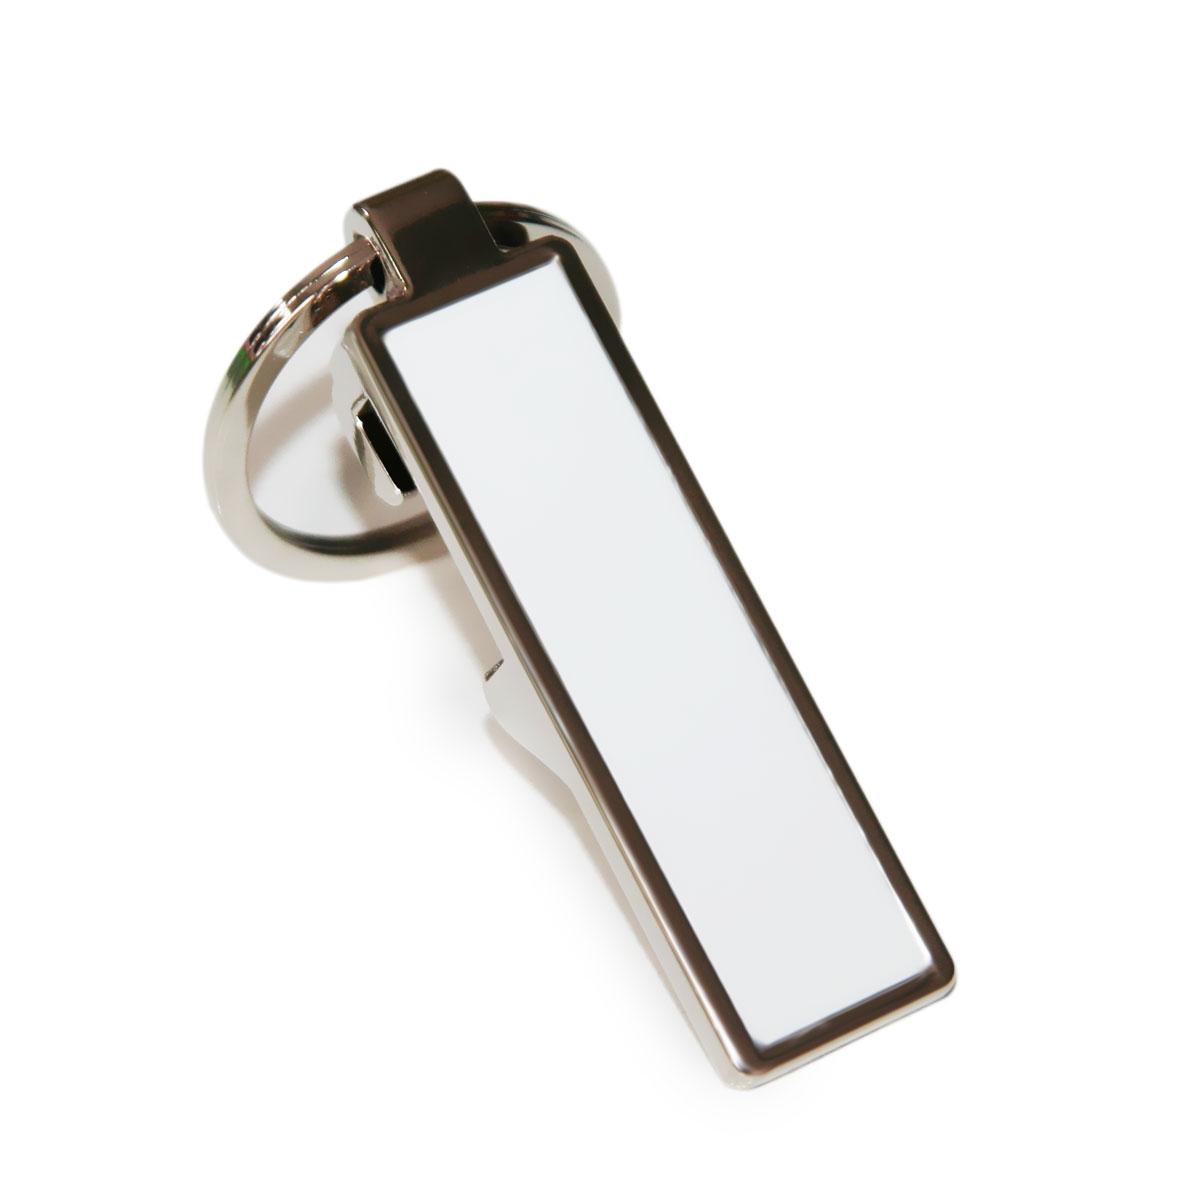 Brelok prostokątny metalowy - otwieracz do sublimacji